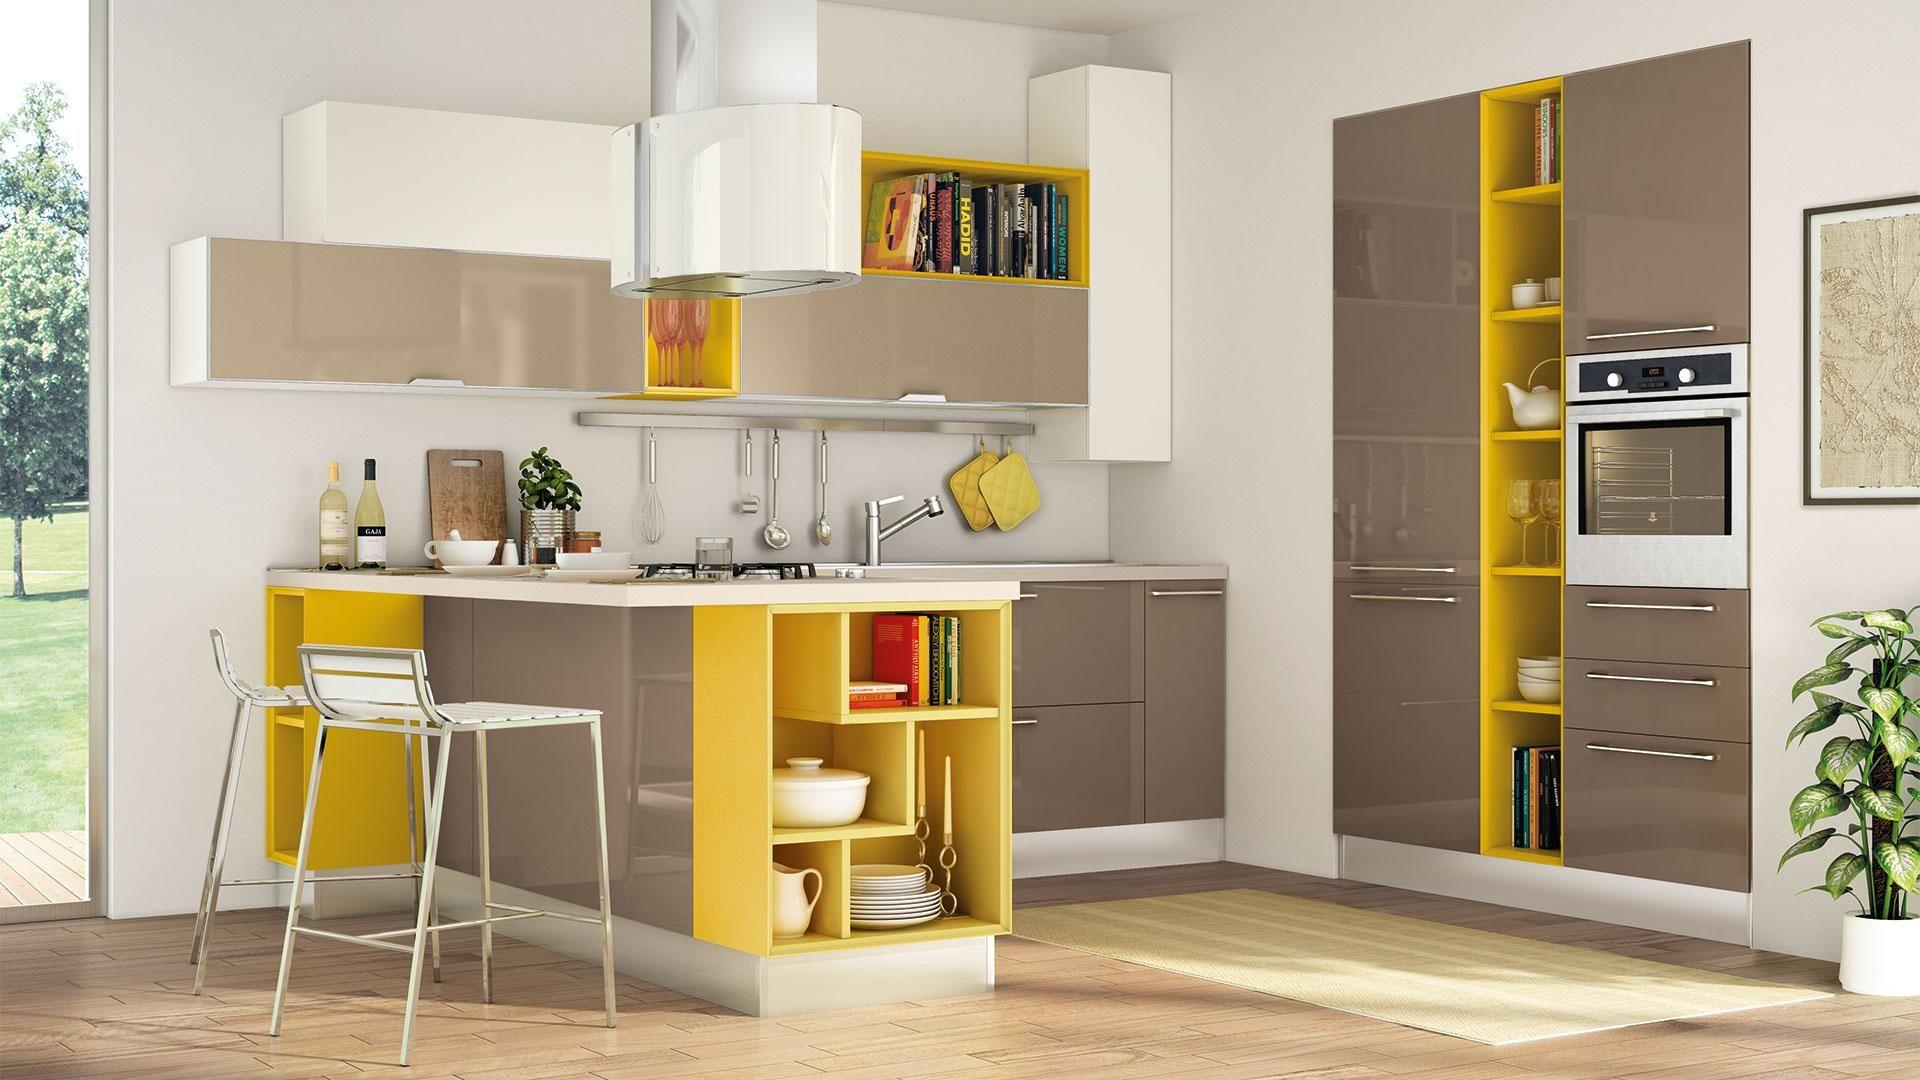 Noemi - Cucine Moderne - Cucine Lube | Cucine | Pinterest | Kitchens